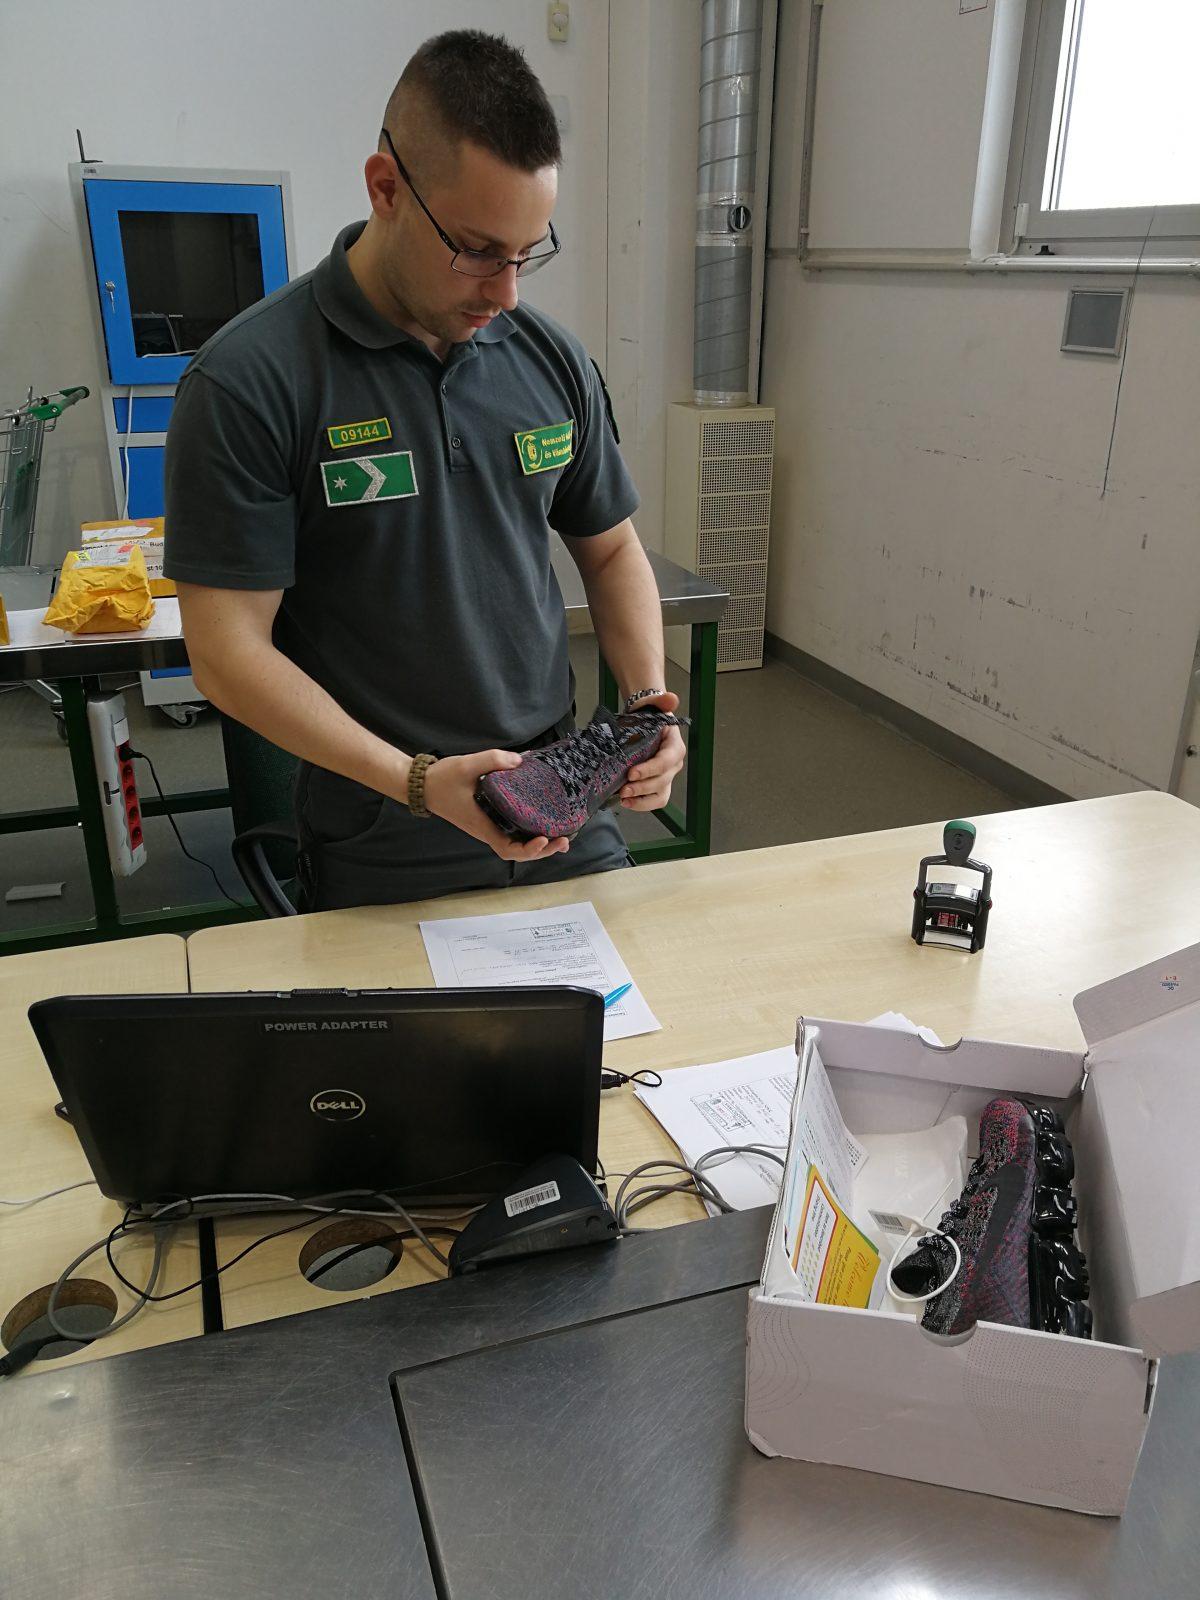 fba7aa1a72 A Magyar Postánál is létezik vámügynöki szolgáltatás. Ők hogyan  ellenőrizhetik a 22 euró alatti küldemények halmazát?